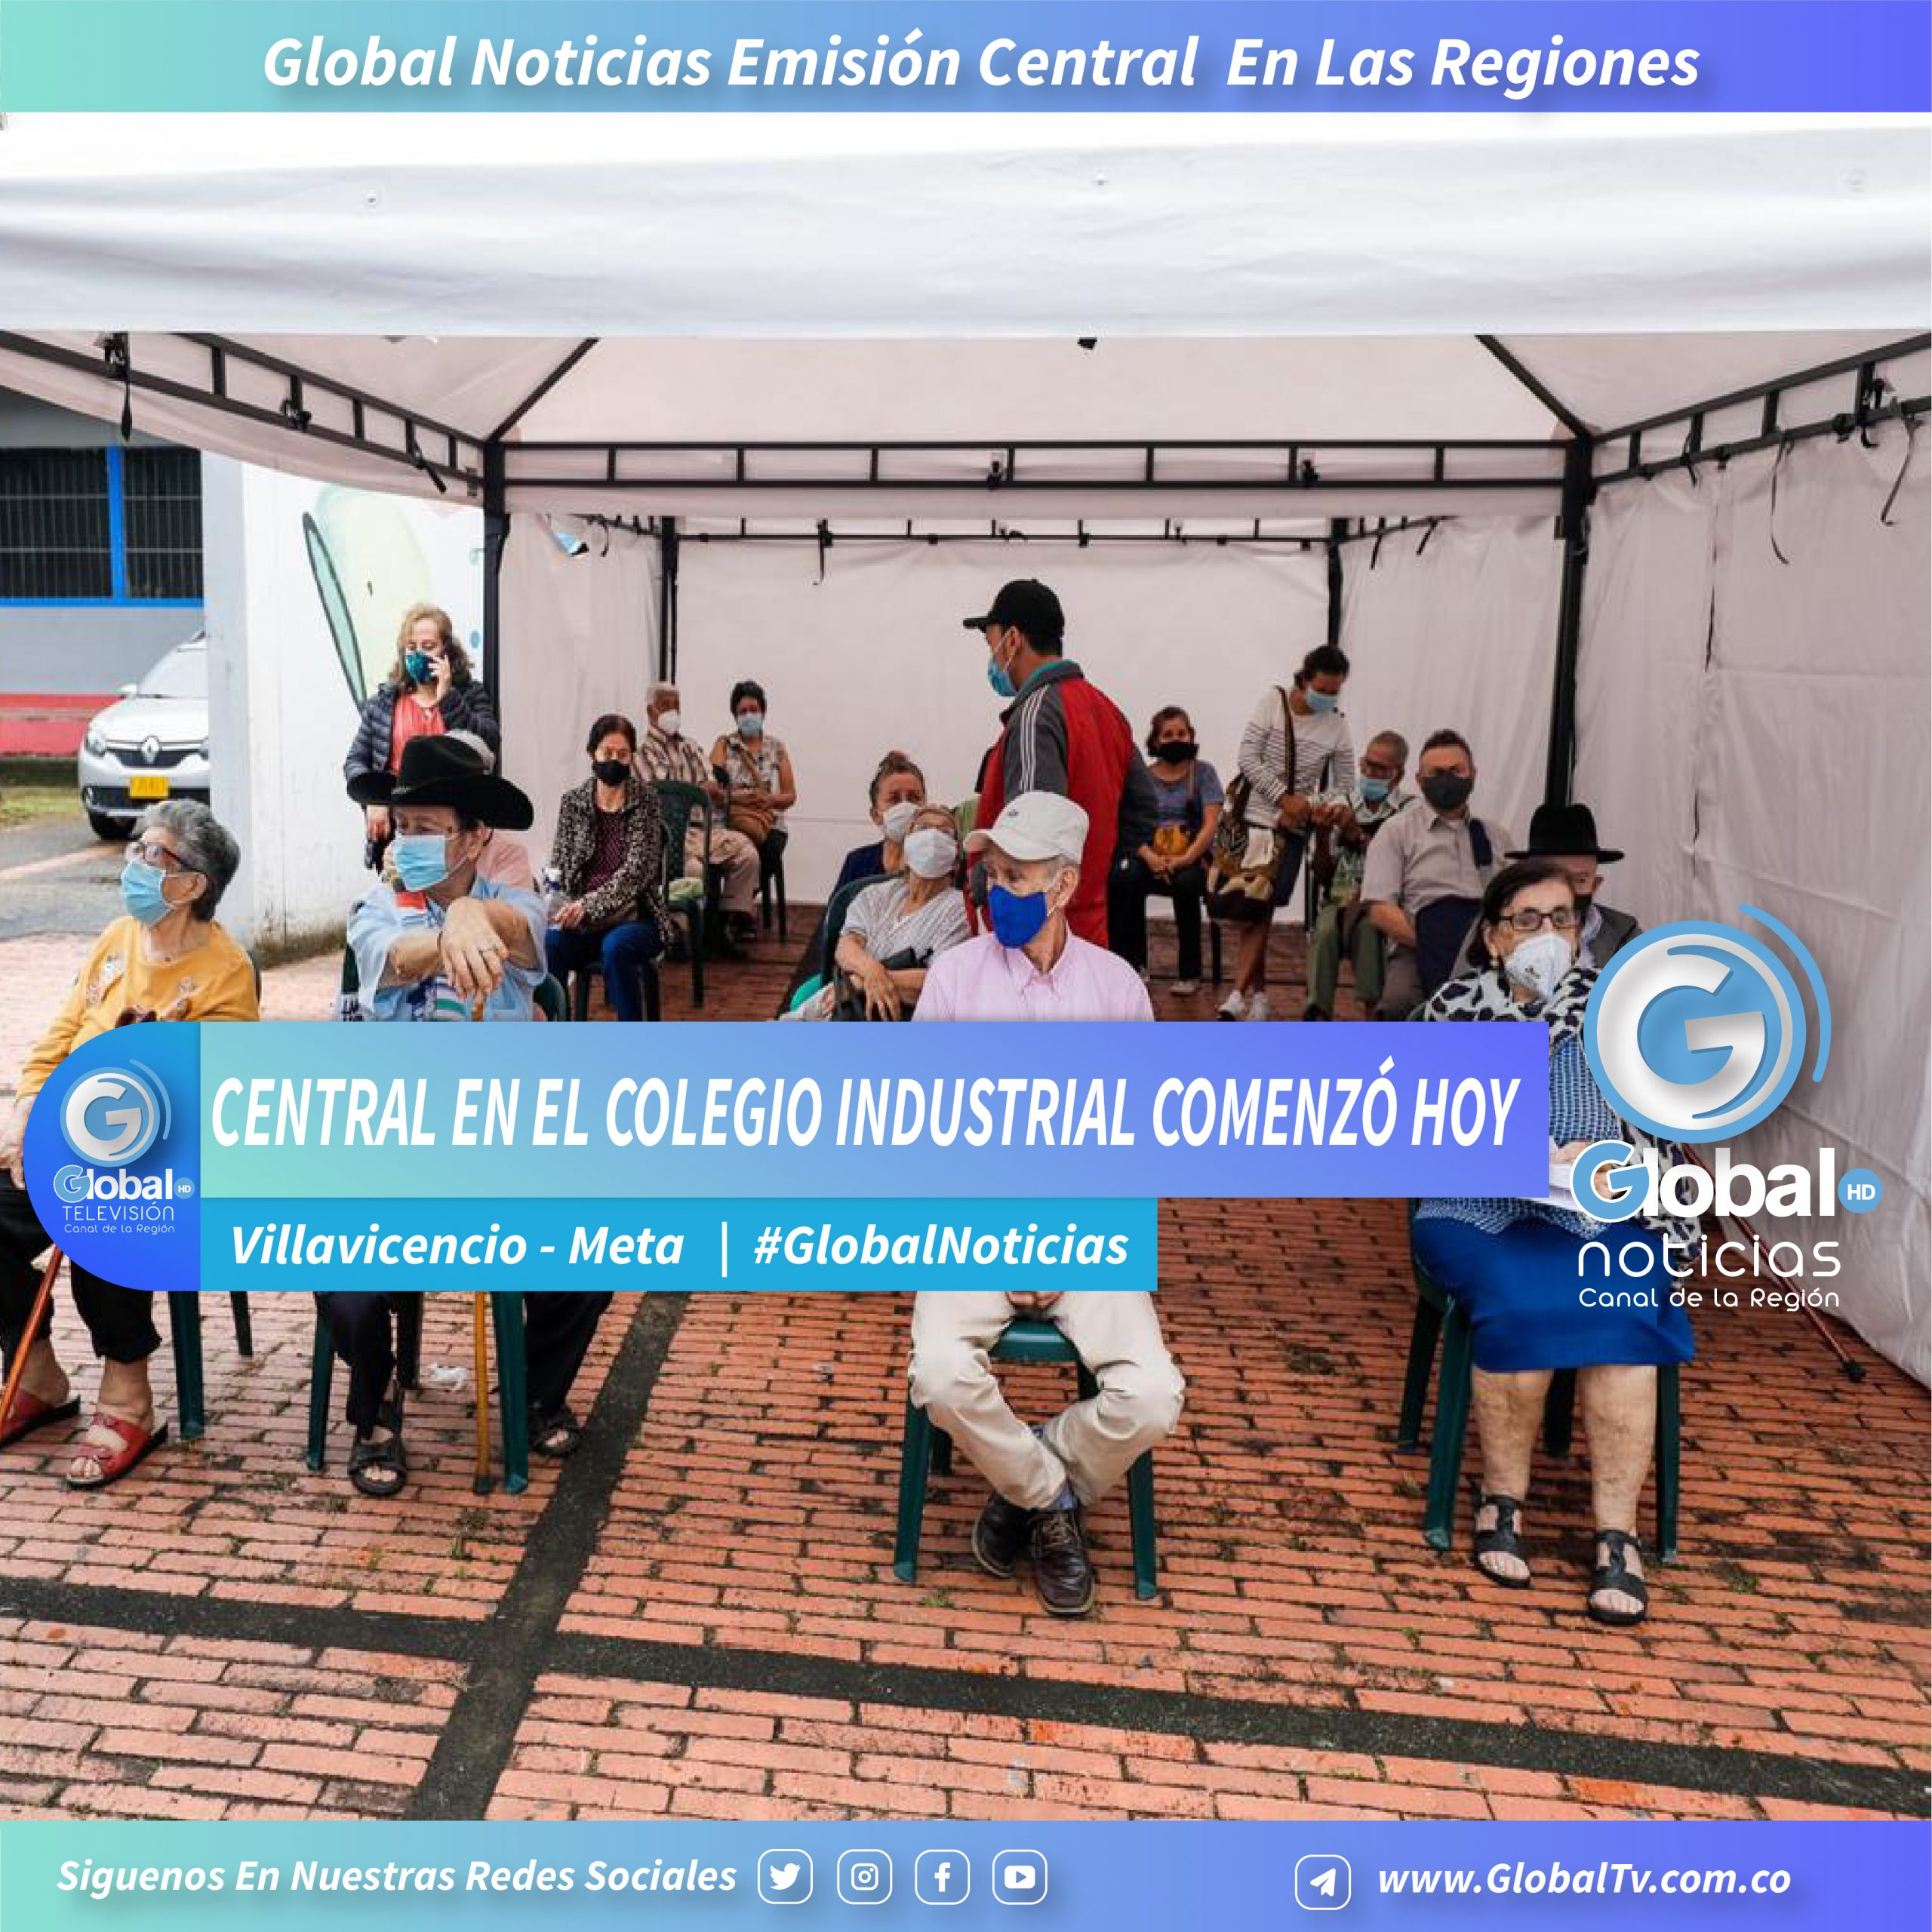 Con Central En El Colegio Industrial Comenzó Hoy En Villavicencio La Vacunación Masiva Y Sin Barreras